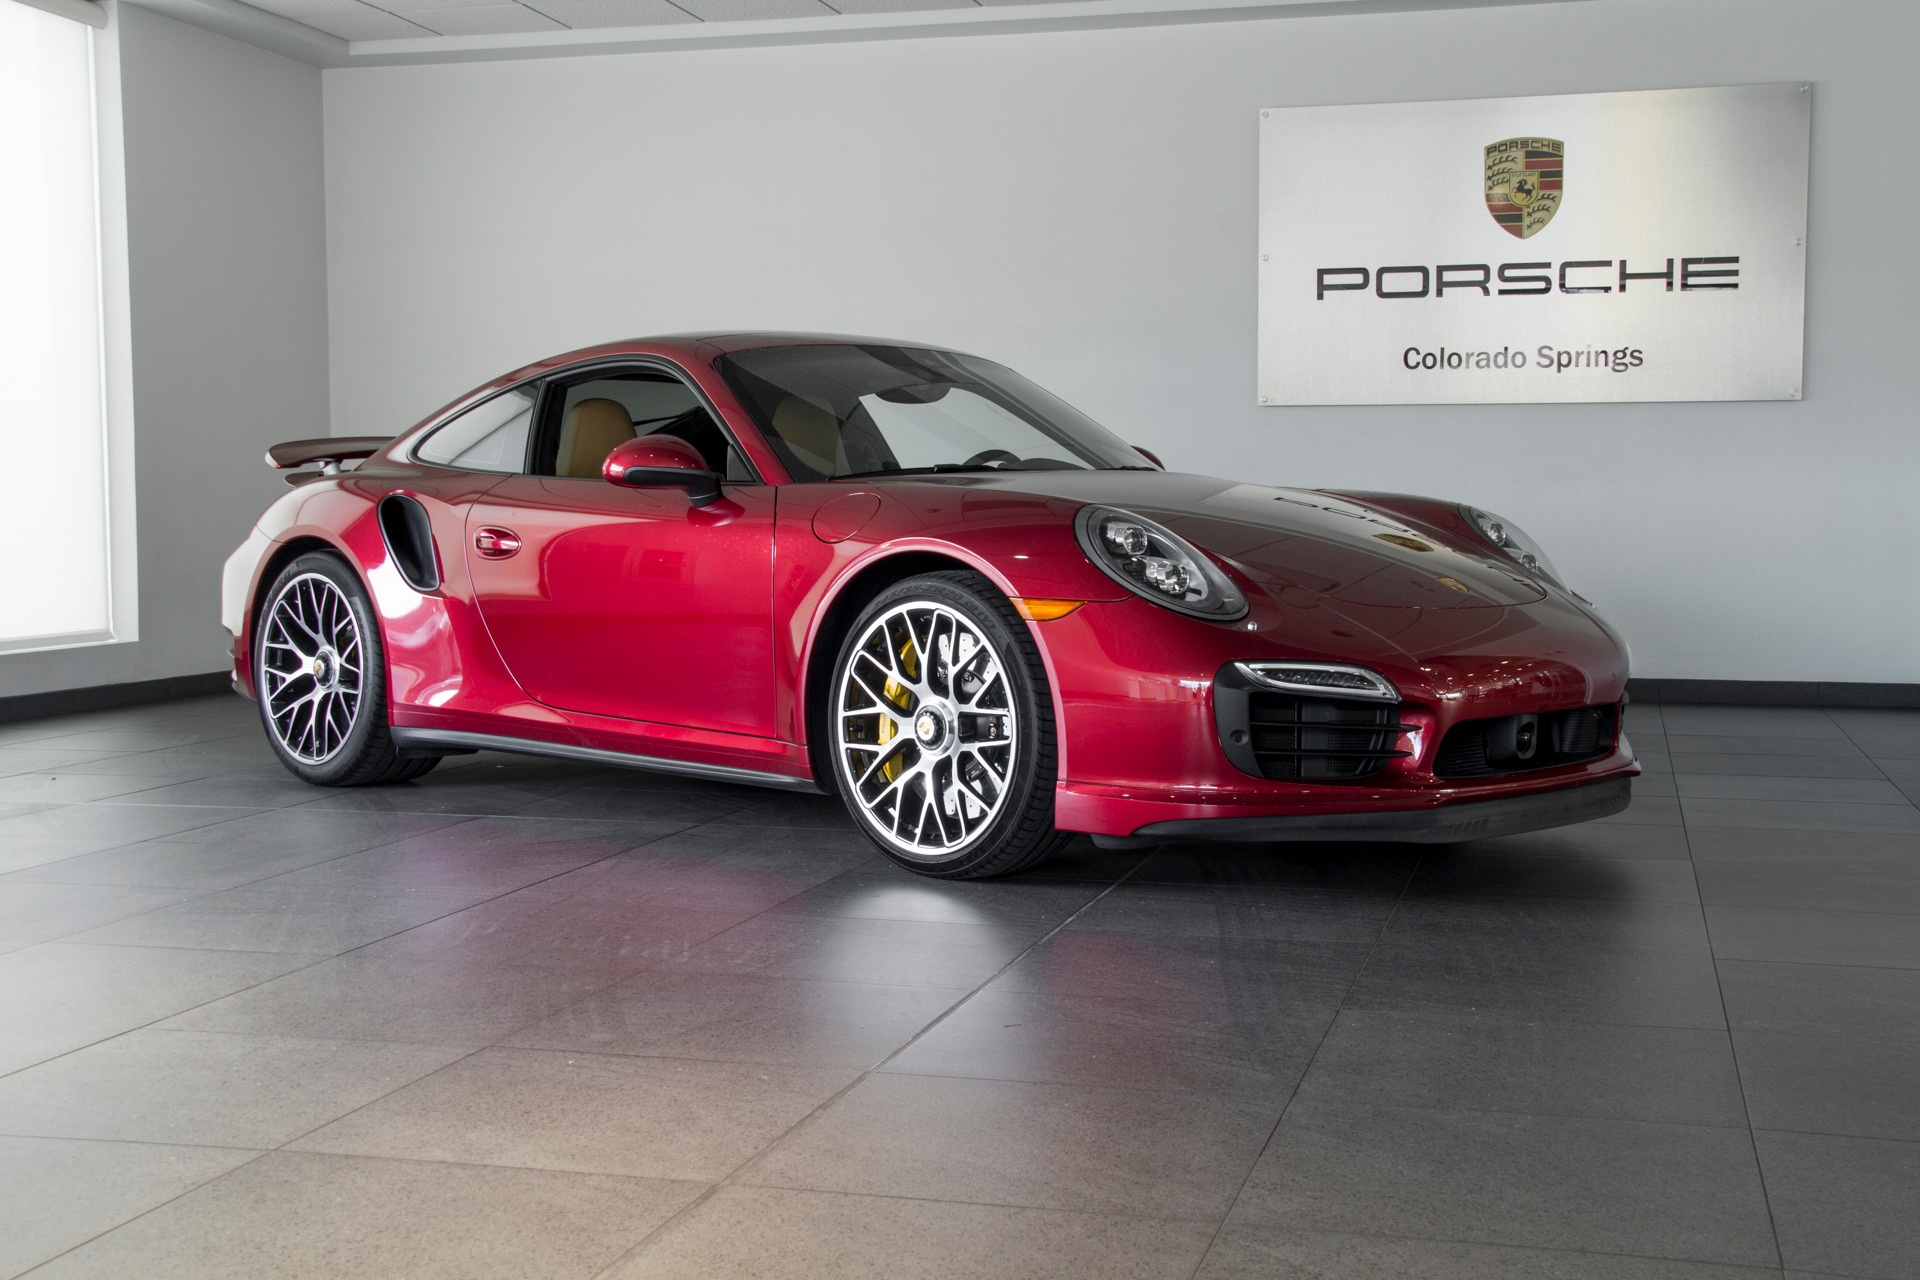 Photo 2015 Porsche 911 911 Turbo S